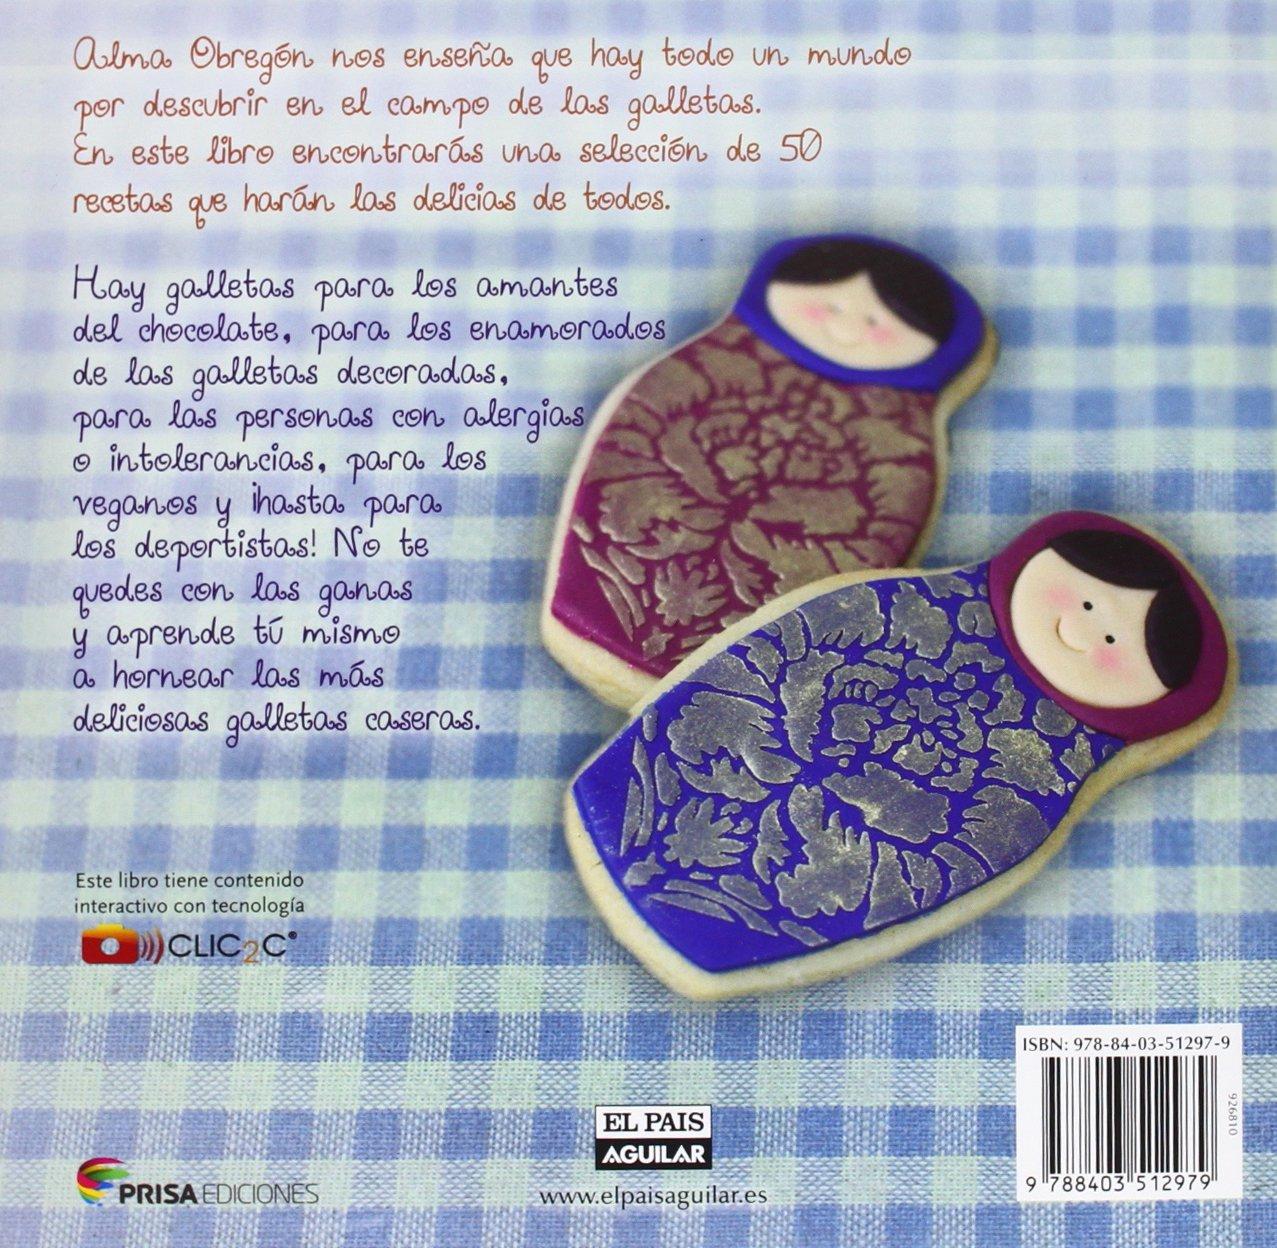 Objetivo: Galleta Perfecta (Chic & Delicious) (Spanish Edition): Alma Obregon: 9788403512979: Amazon.com: Books